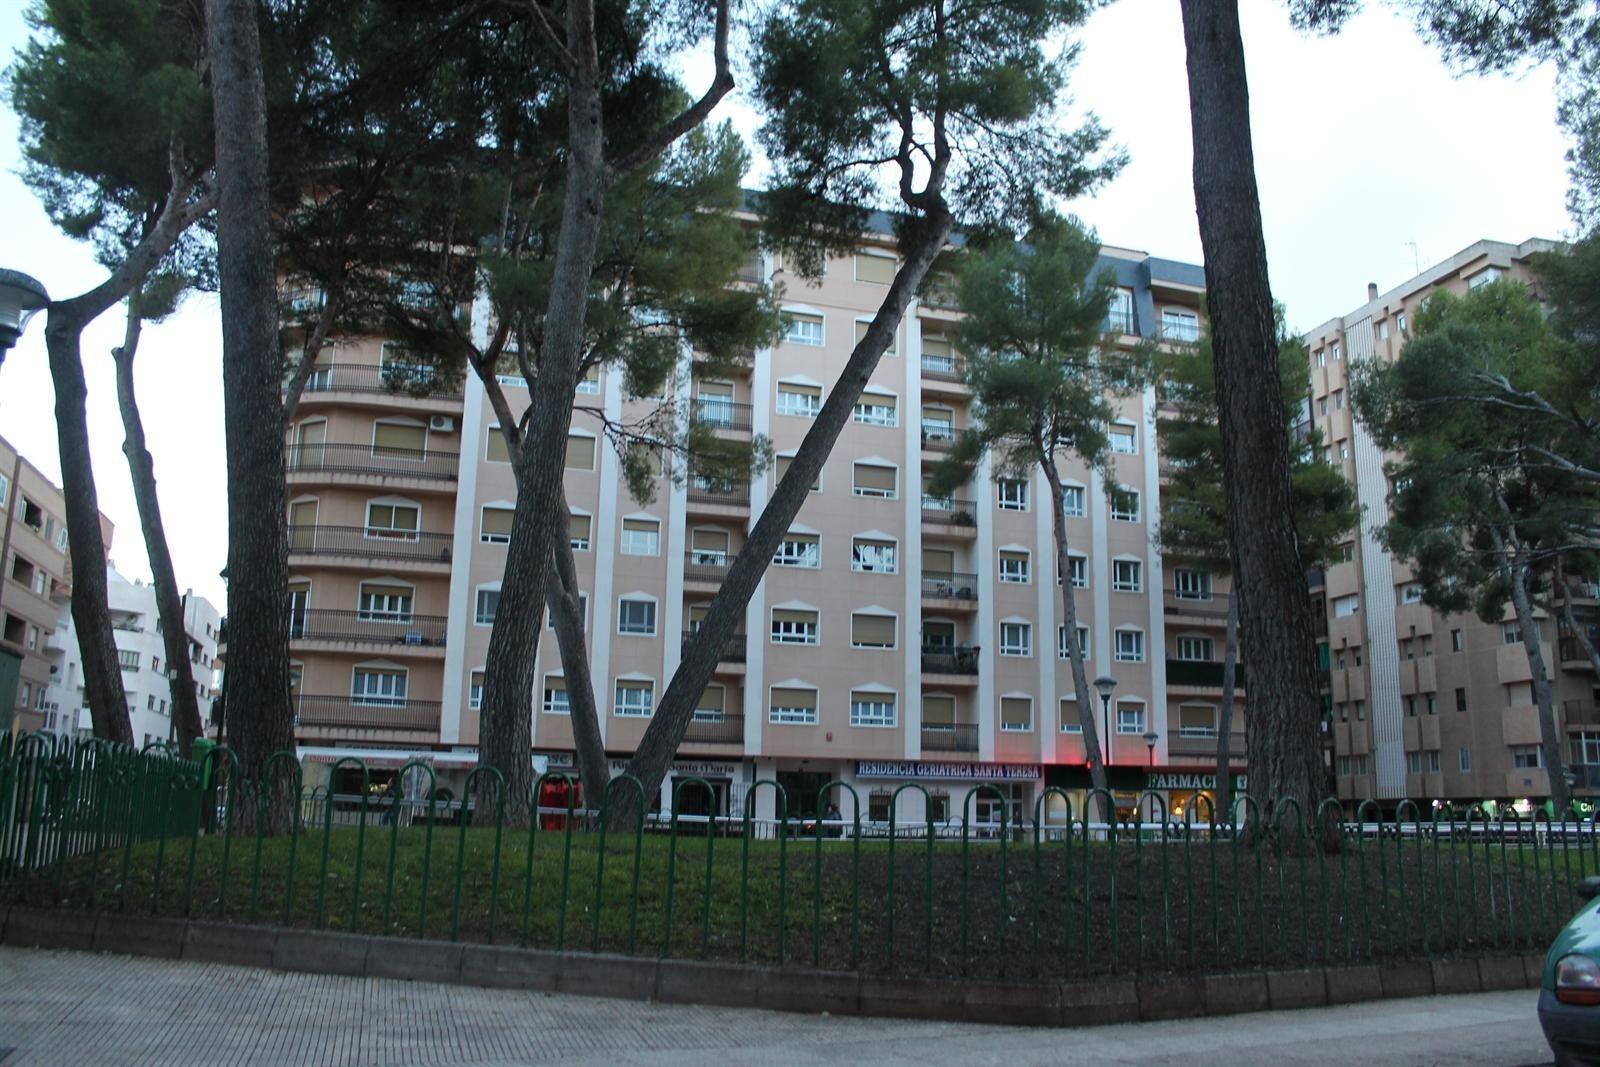 El precio de la vivienda libre cae un 7,1% en el primer trimestre en Galicia, cinco décimas más que la media